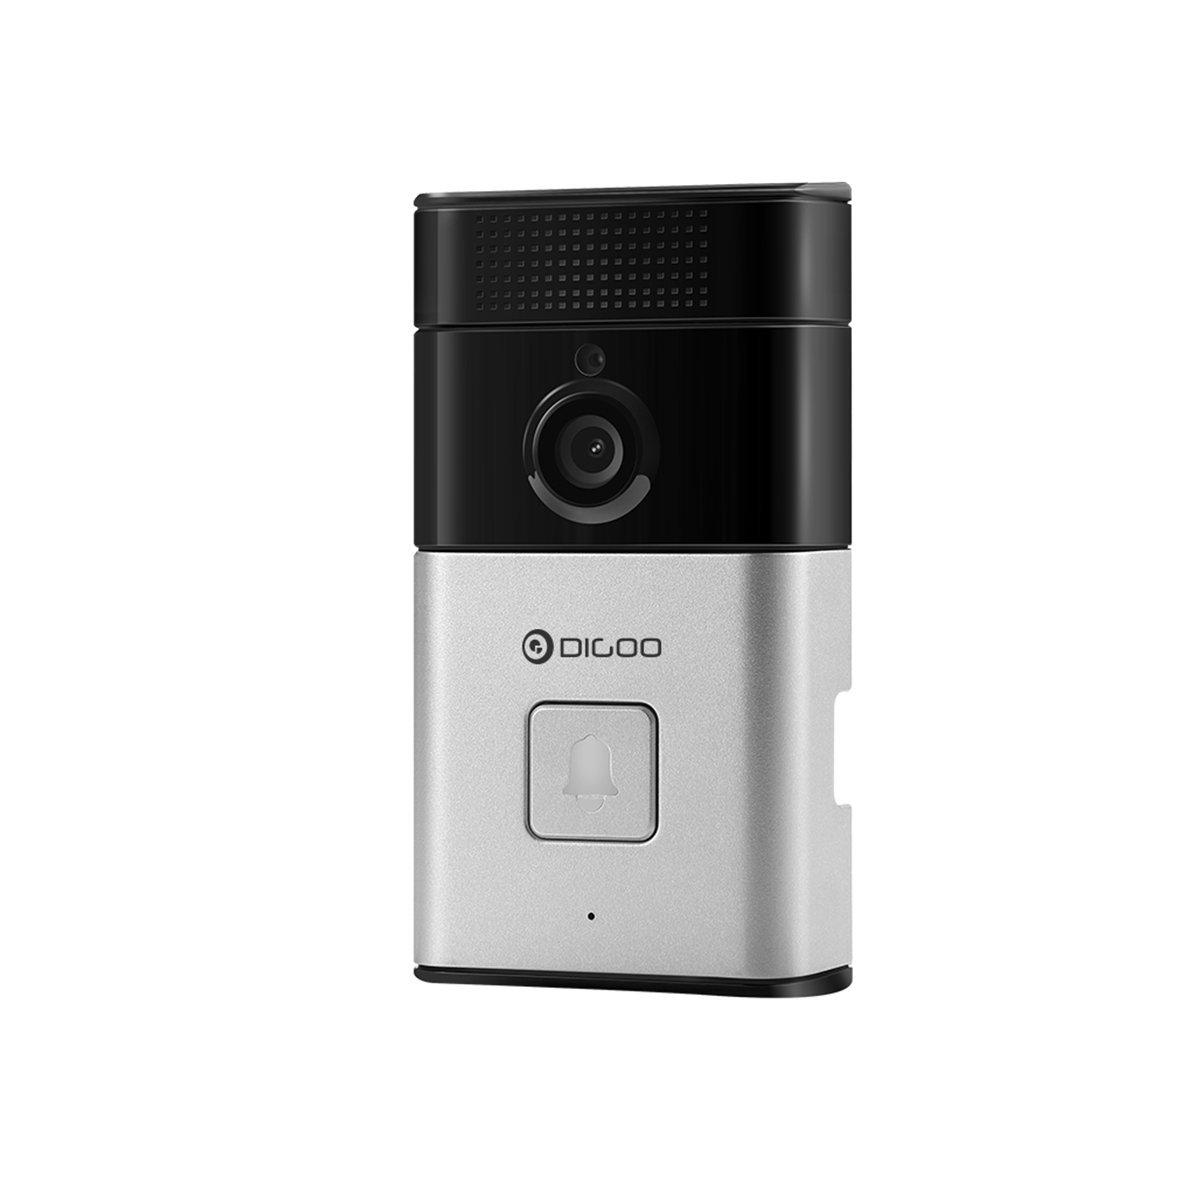 Best DIGOO Doorbell